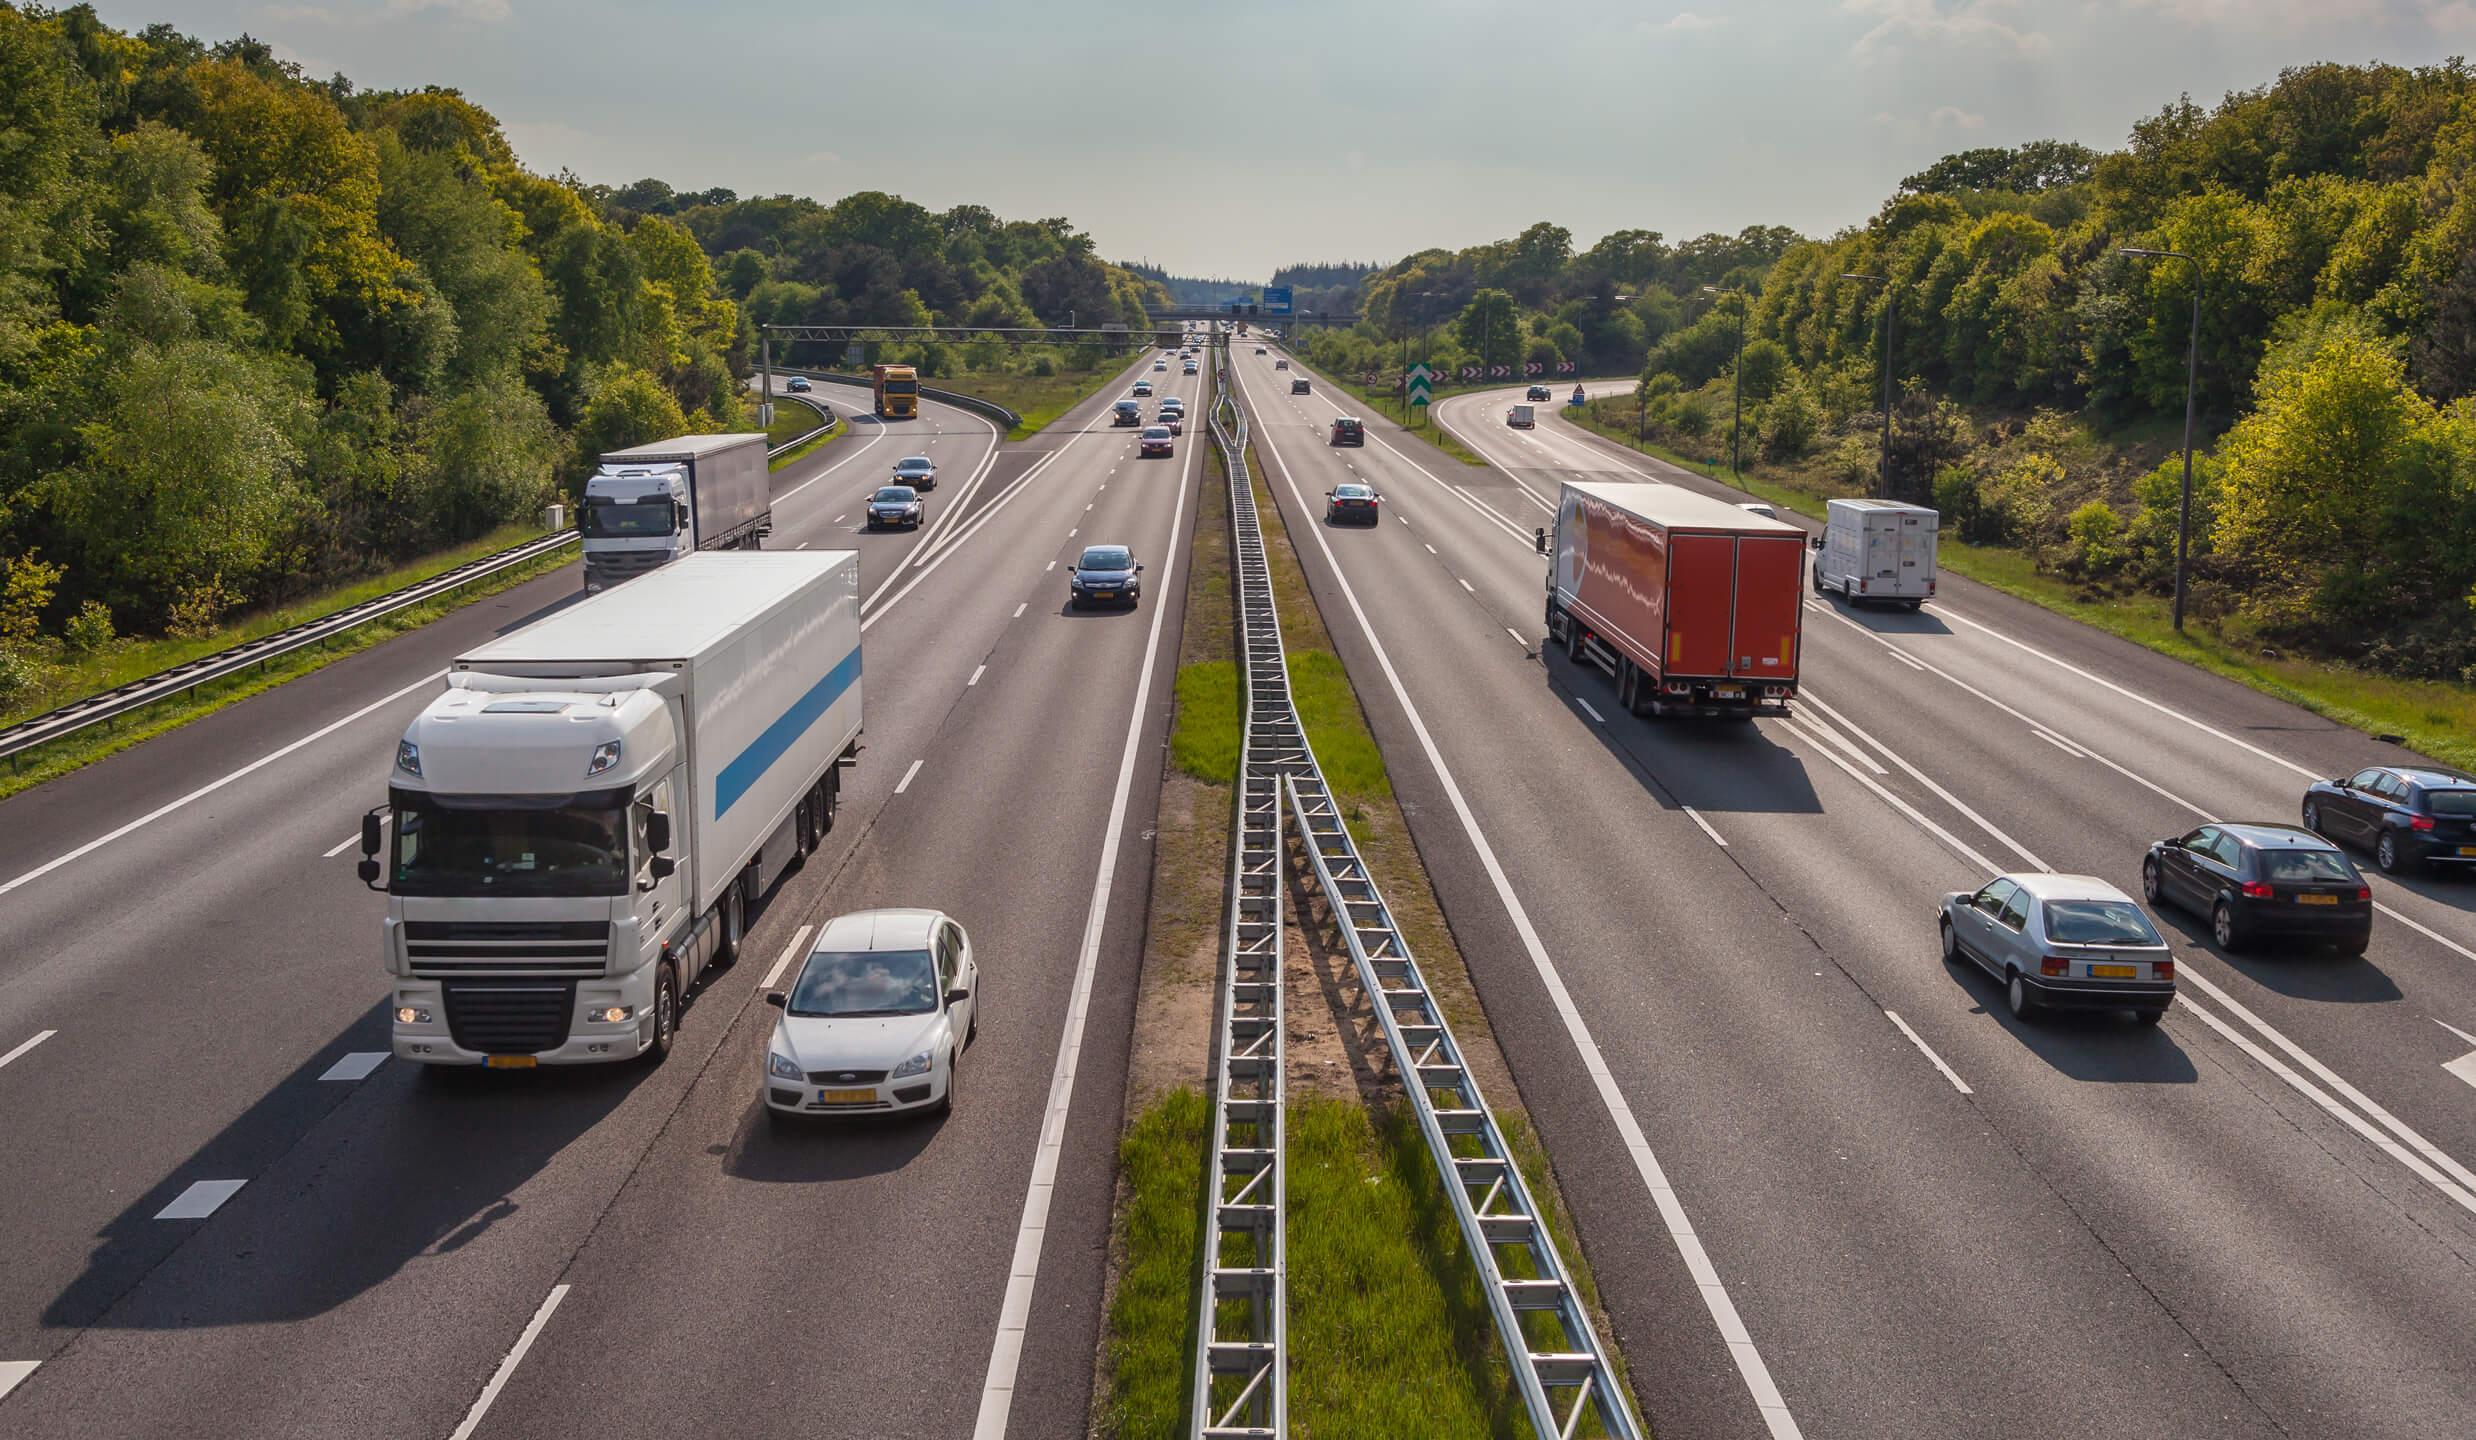 Convenzione Mims-Ansfisa: l'evoluzione sulle attività di controllo per la sicurezza stradale